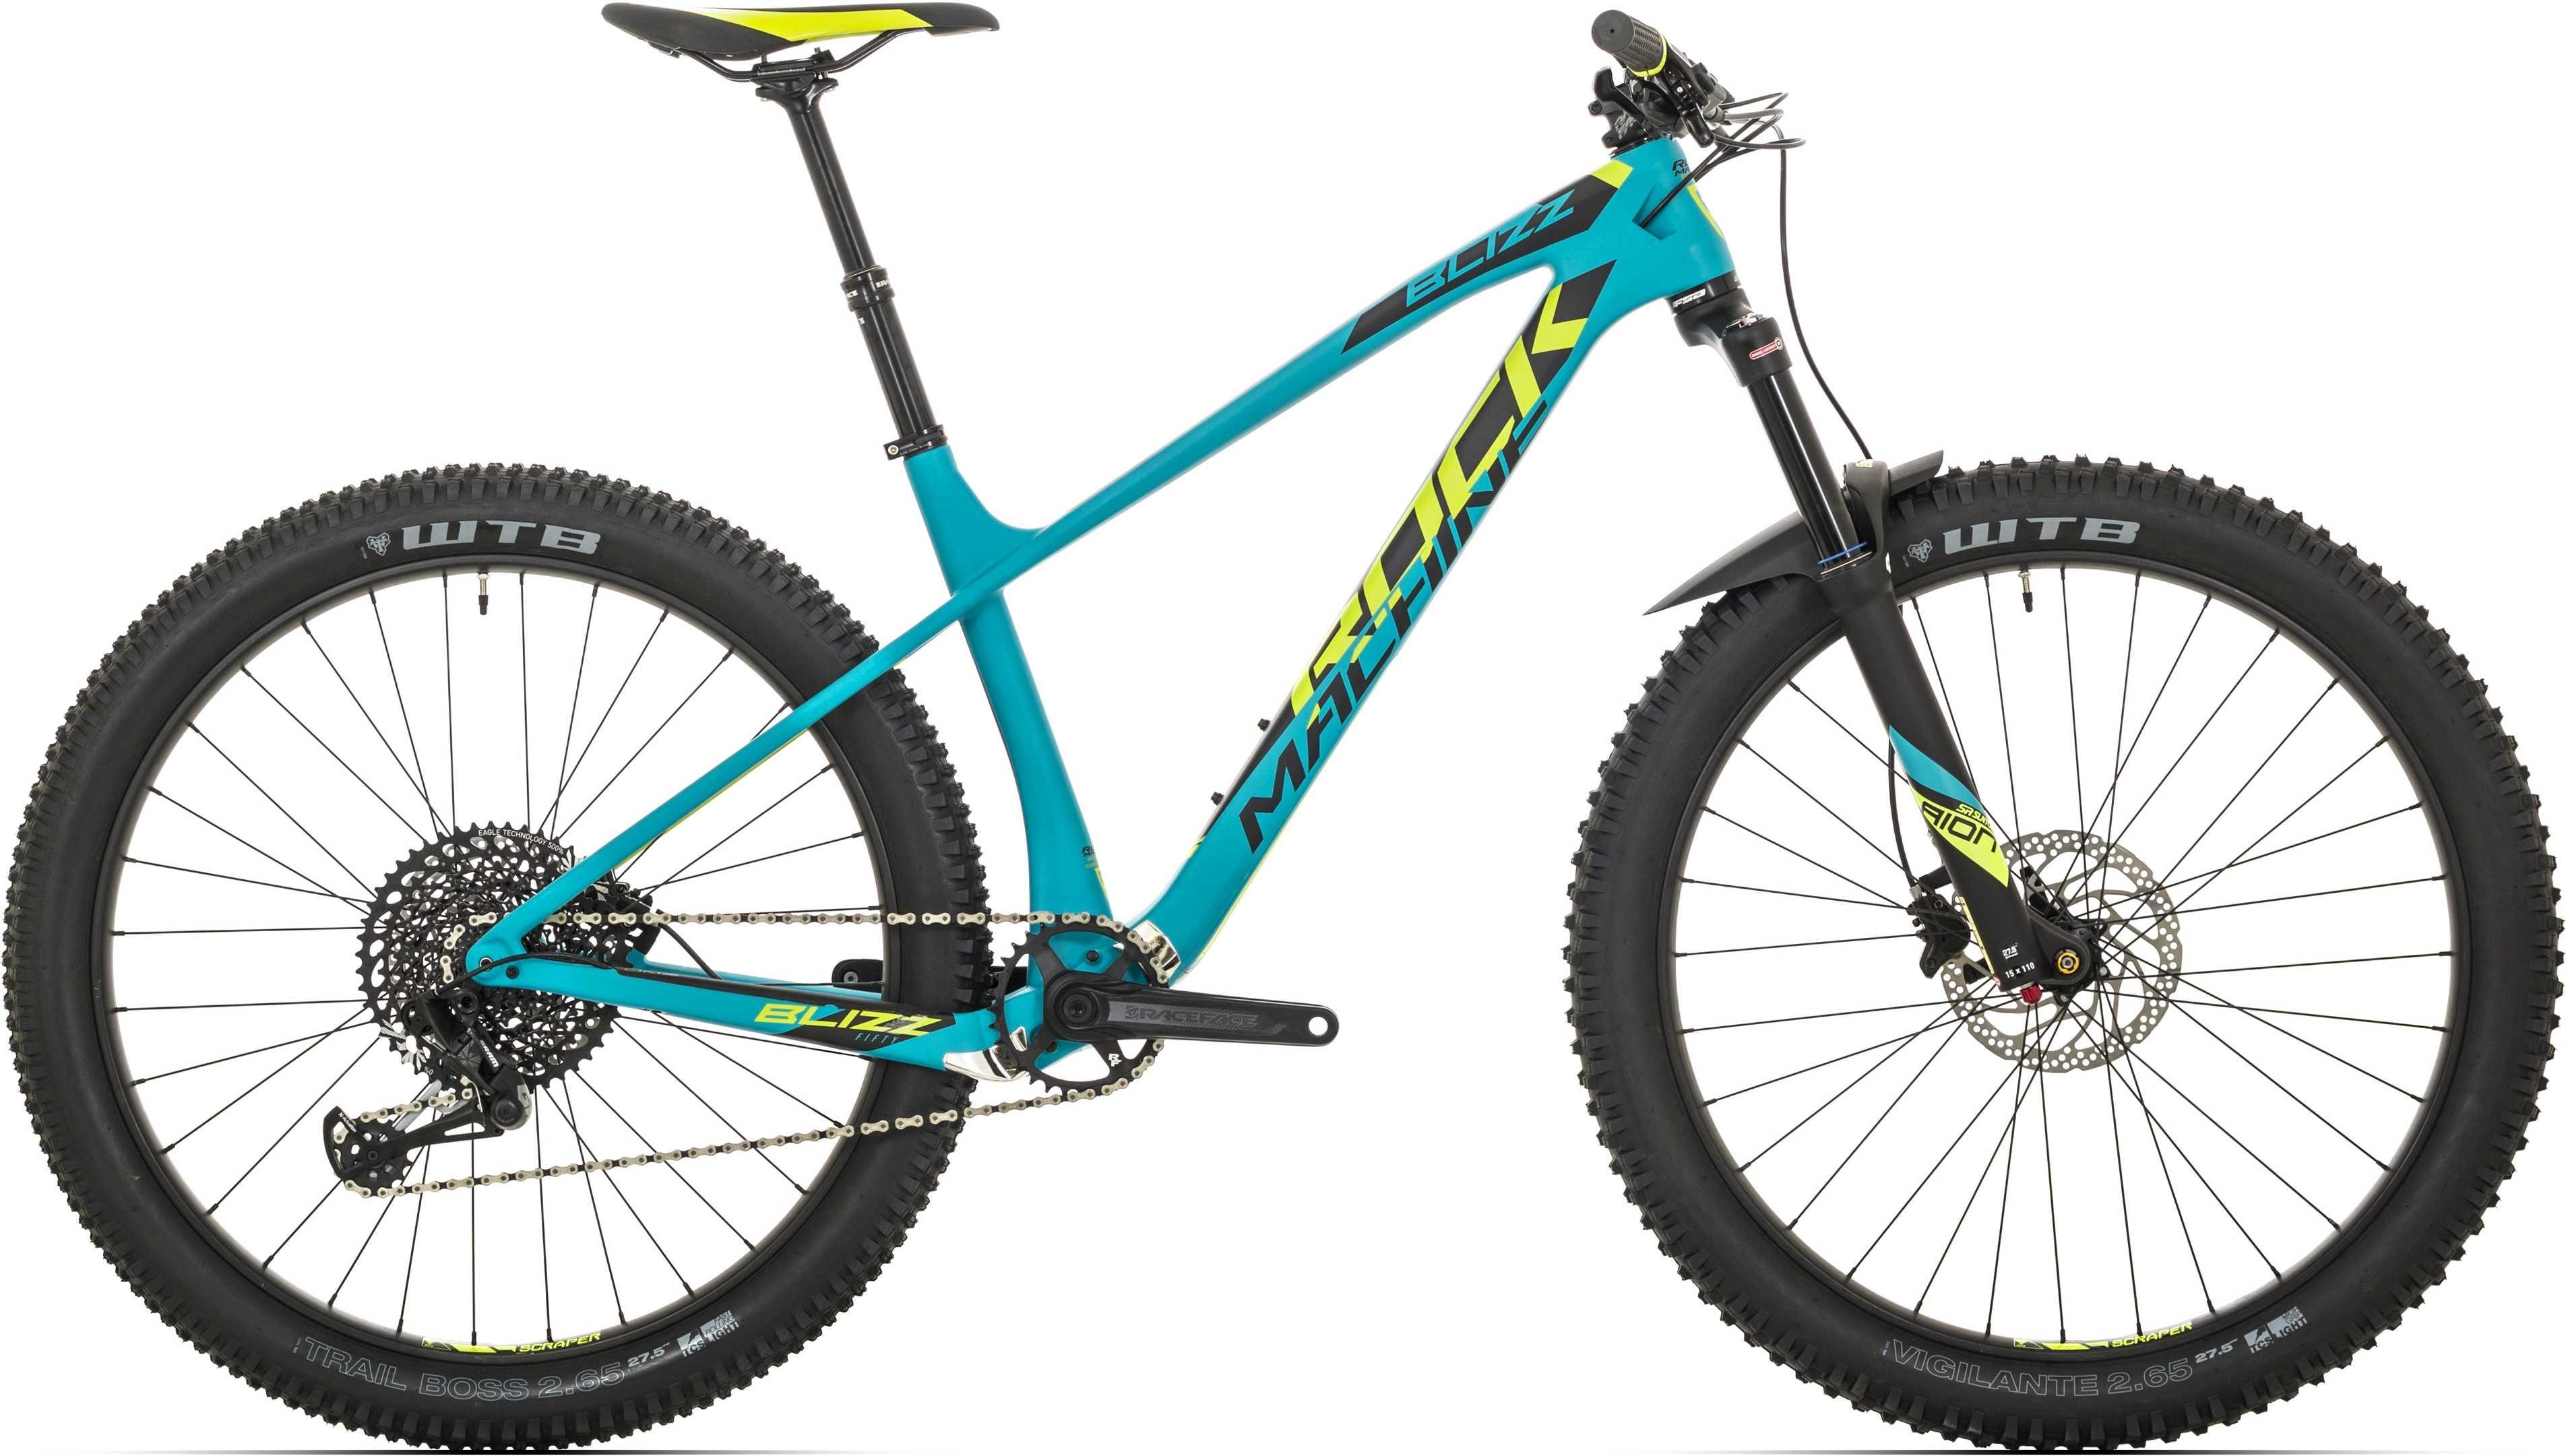 Rock Machine Blizz Crb 50-27+ matt blå/gul/svart x-large